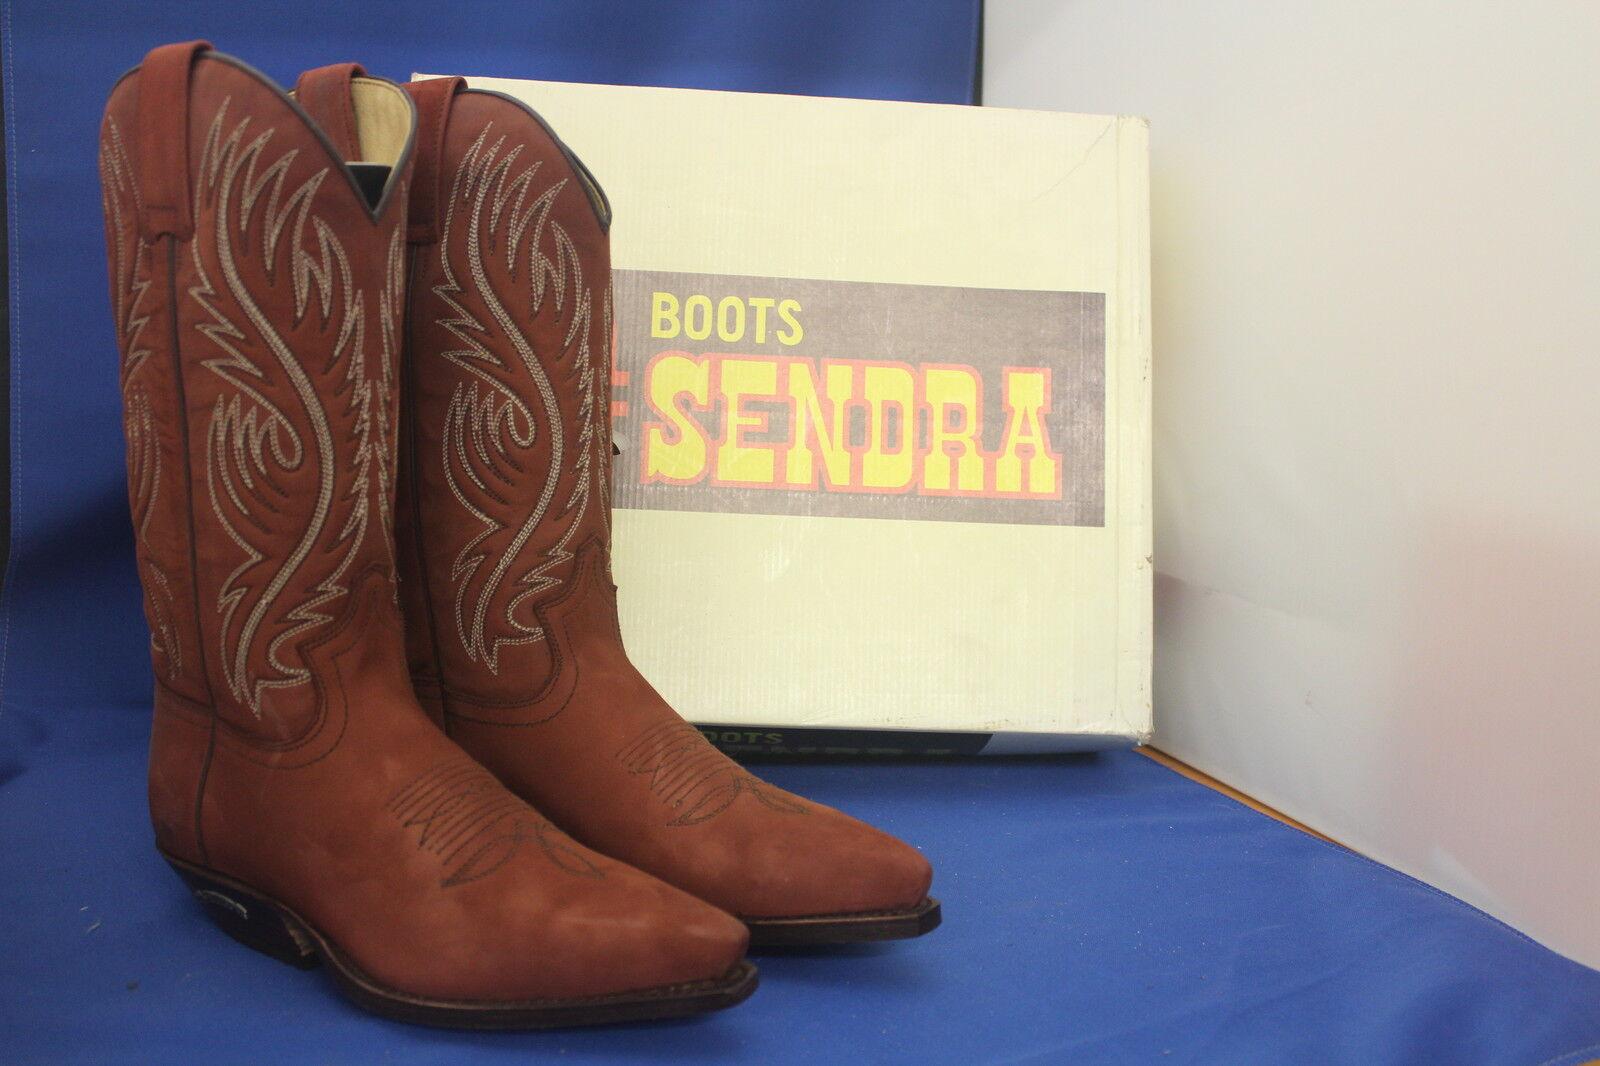 Sendra boots Western botas botas botas de vaquero Sendra GR. 41 nuevo 7 1/2 rojo